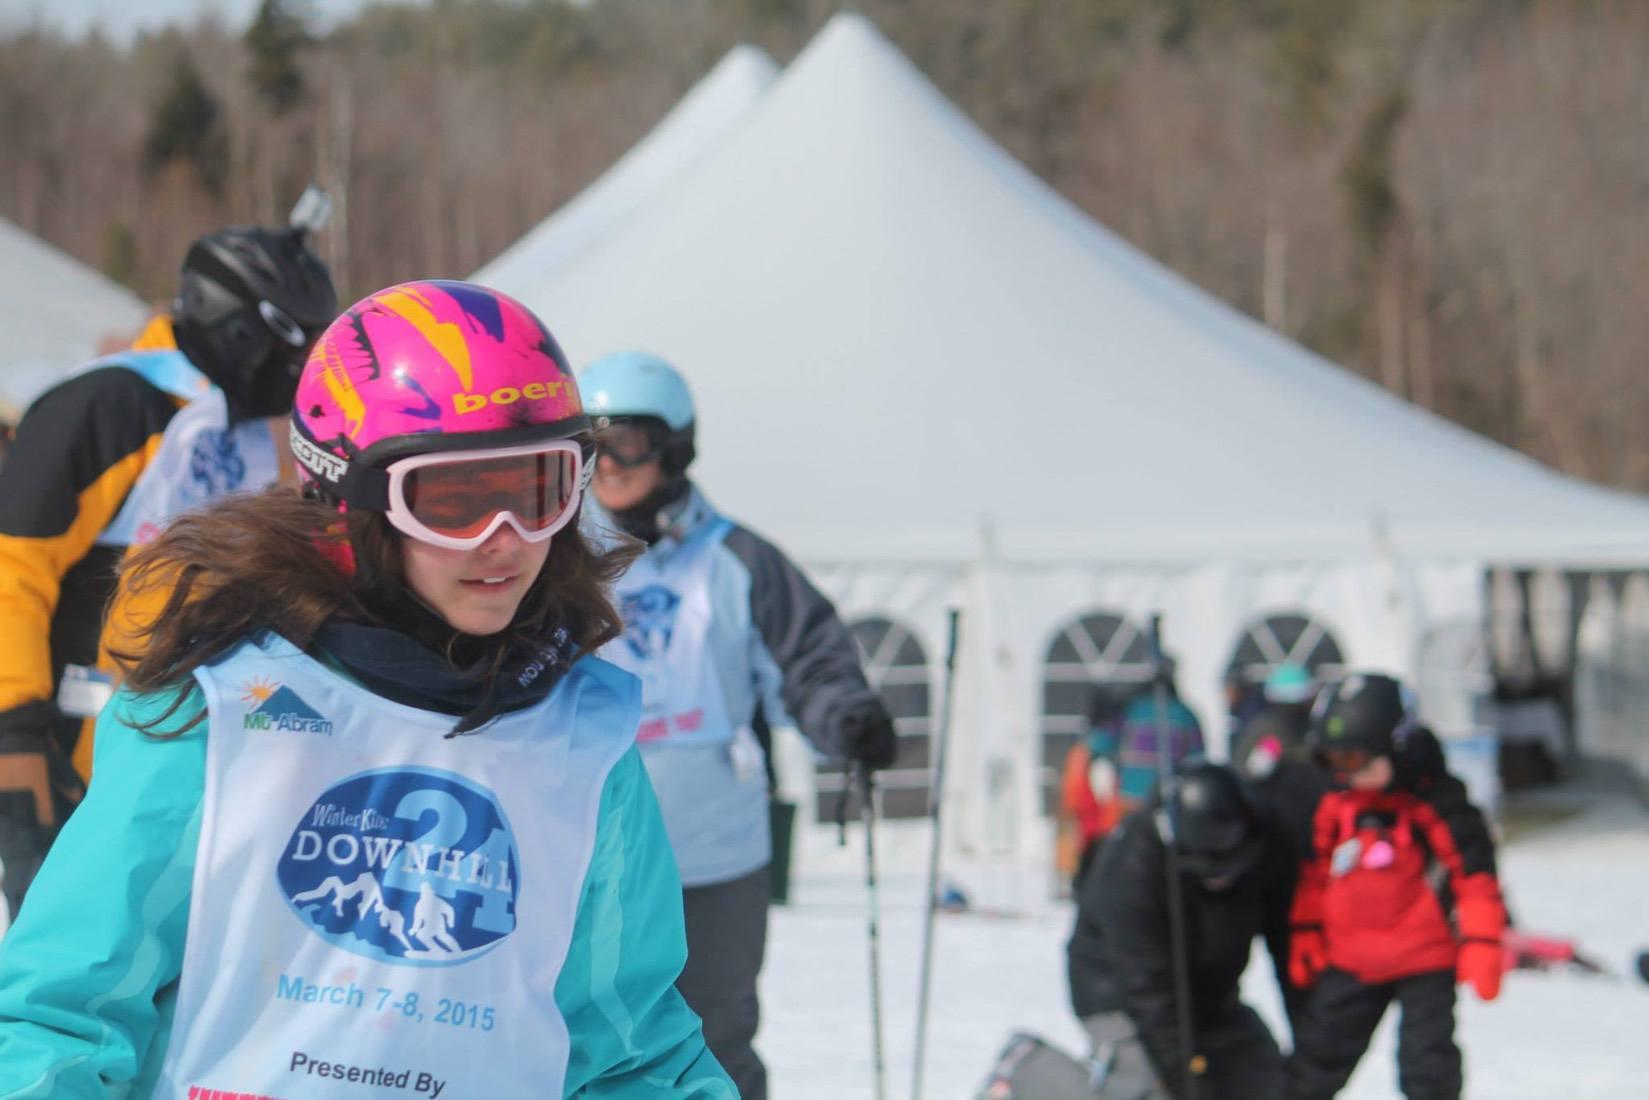 WinterKids Downhill24 2015 Mount Abram157